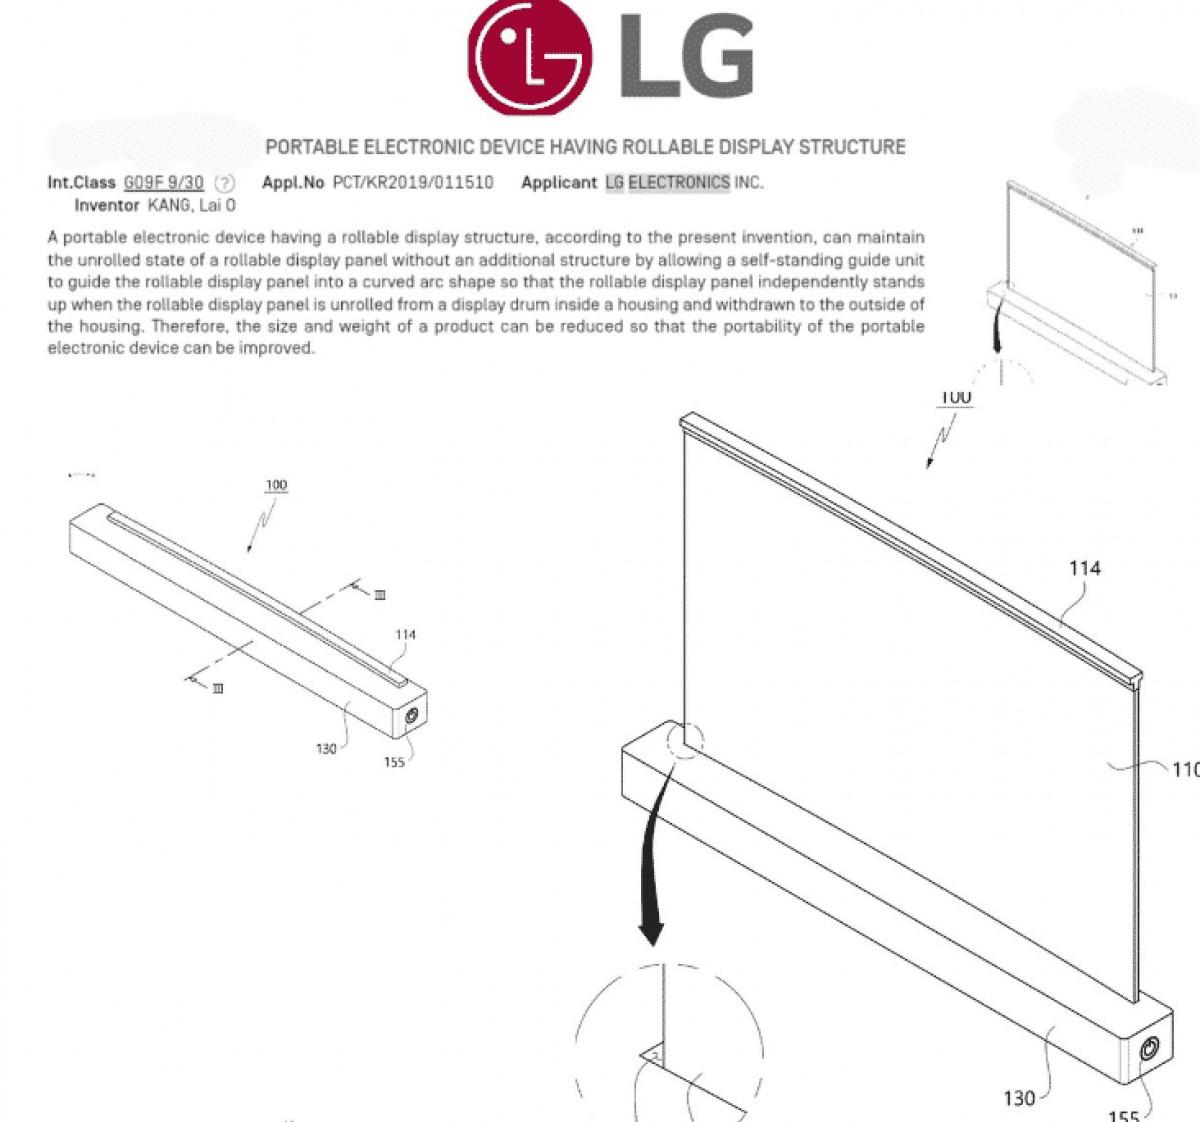 LG патент ноутбука с гибким дисплеем